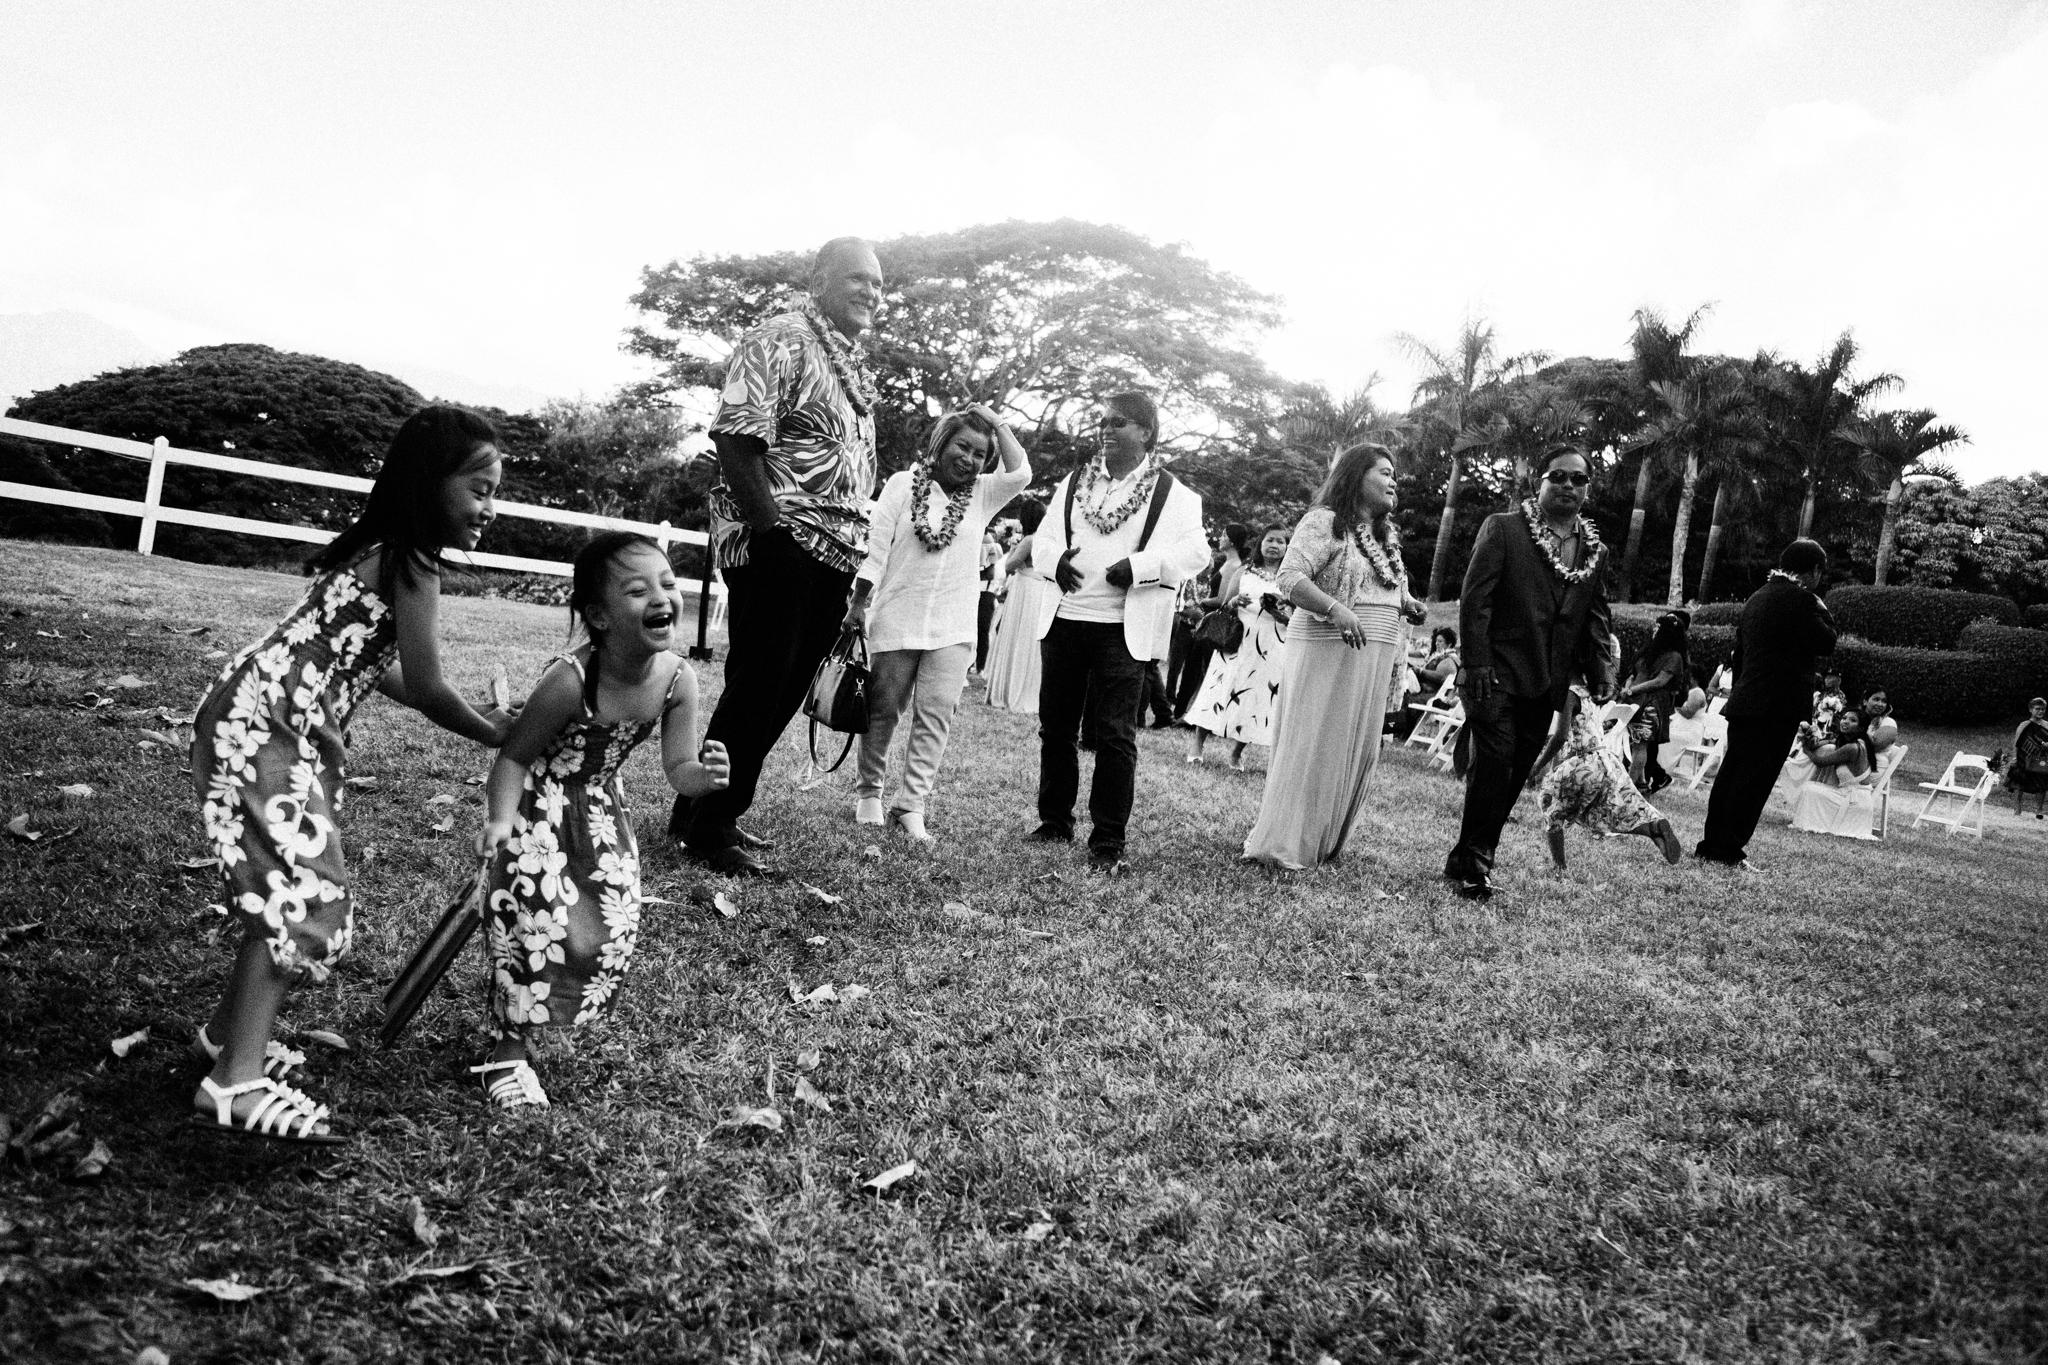 kualoa_ranch_wedding_photography_tone_hawaii-15.jpg